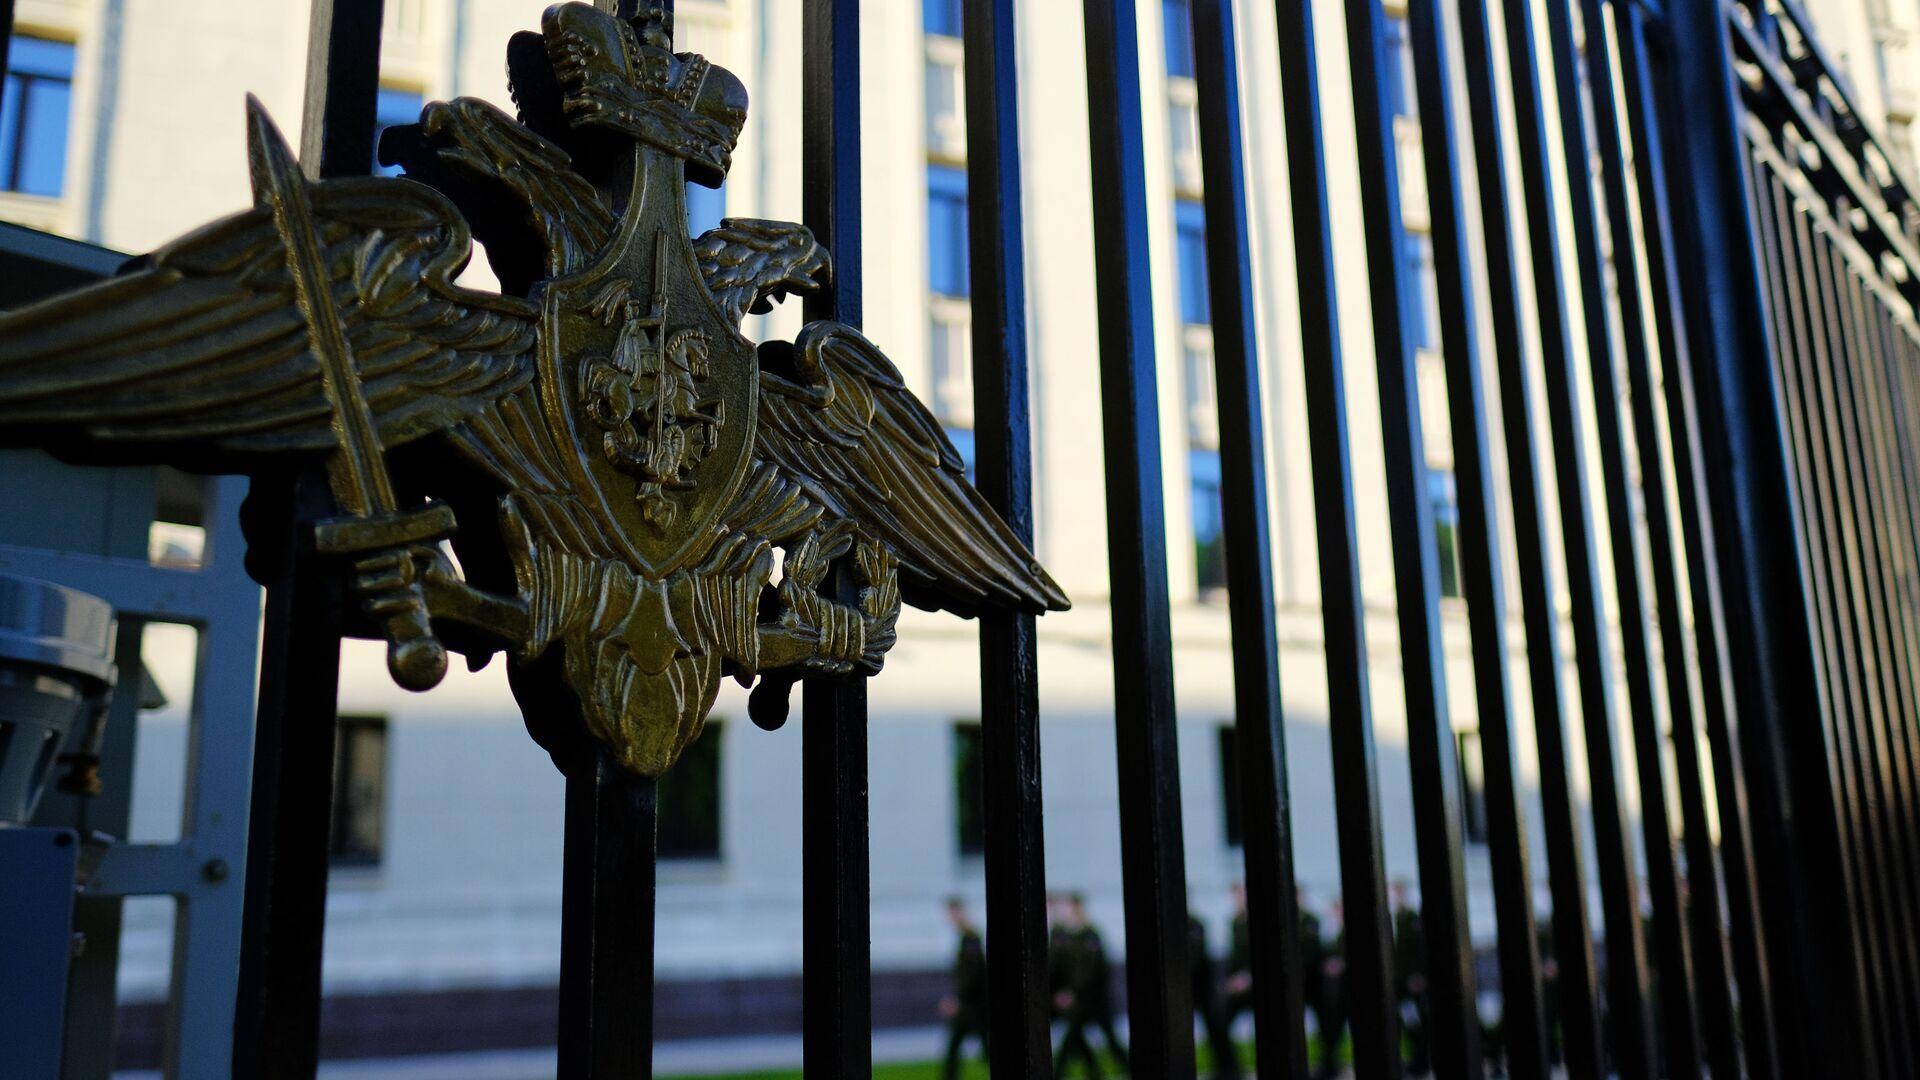 Herb na ogrodzeniu wokół gmachu Ministerstwo Obrony Rosji w Moskwie  - Sputnik Polska, 1920, 09.10.2021